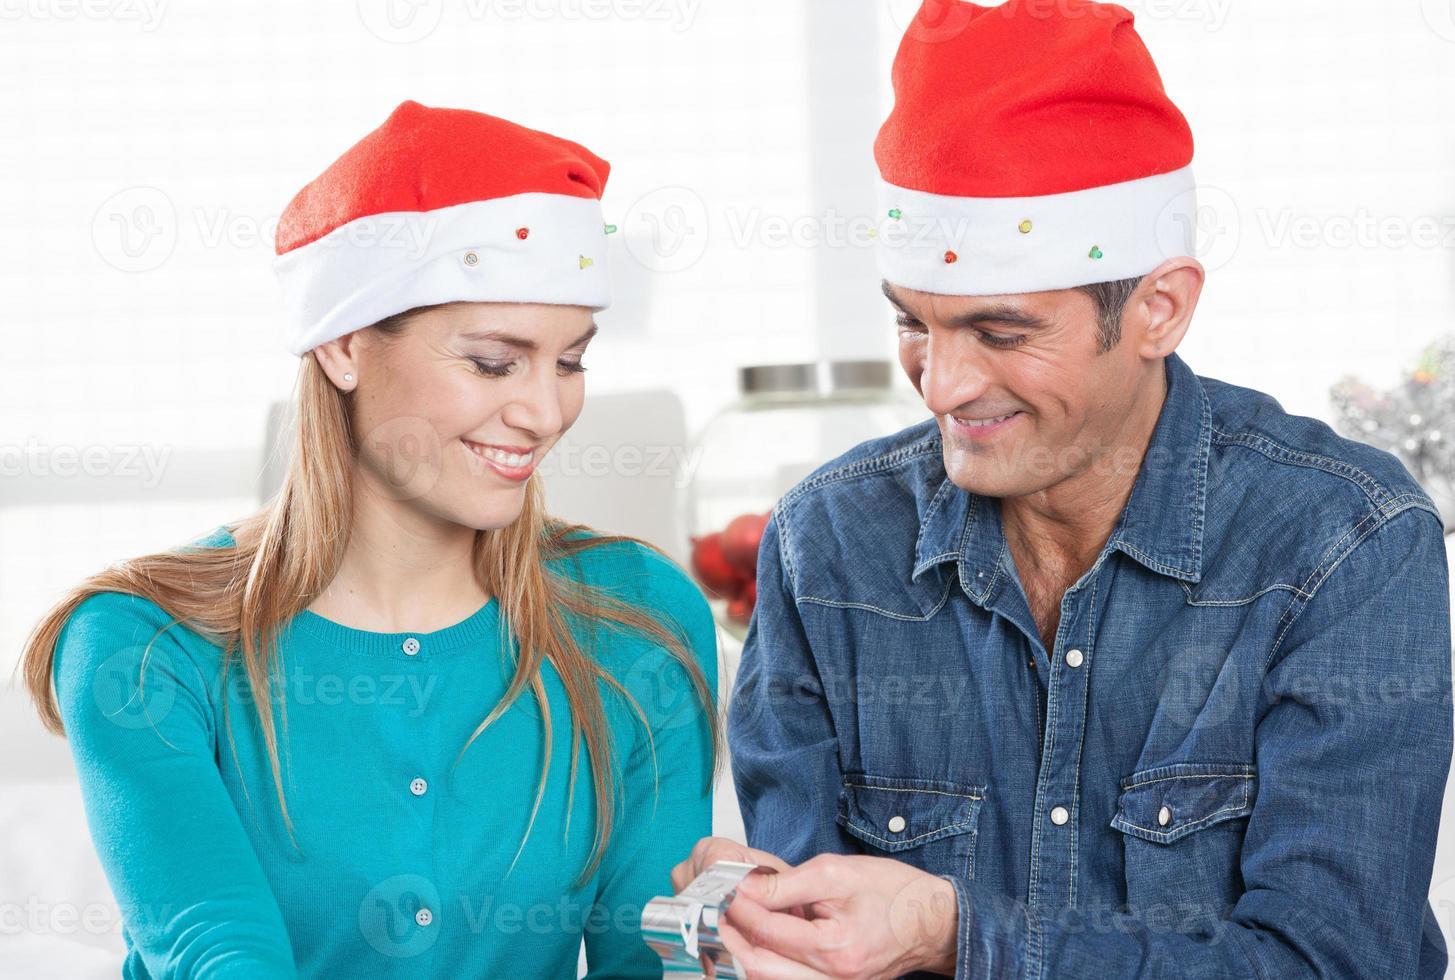 coppia sorridente felice relaxwith regali di Natale a casa foto